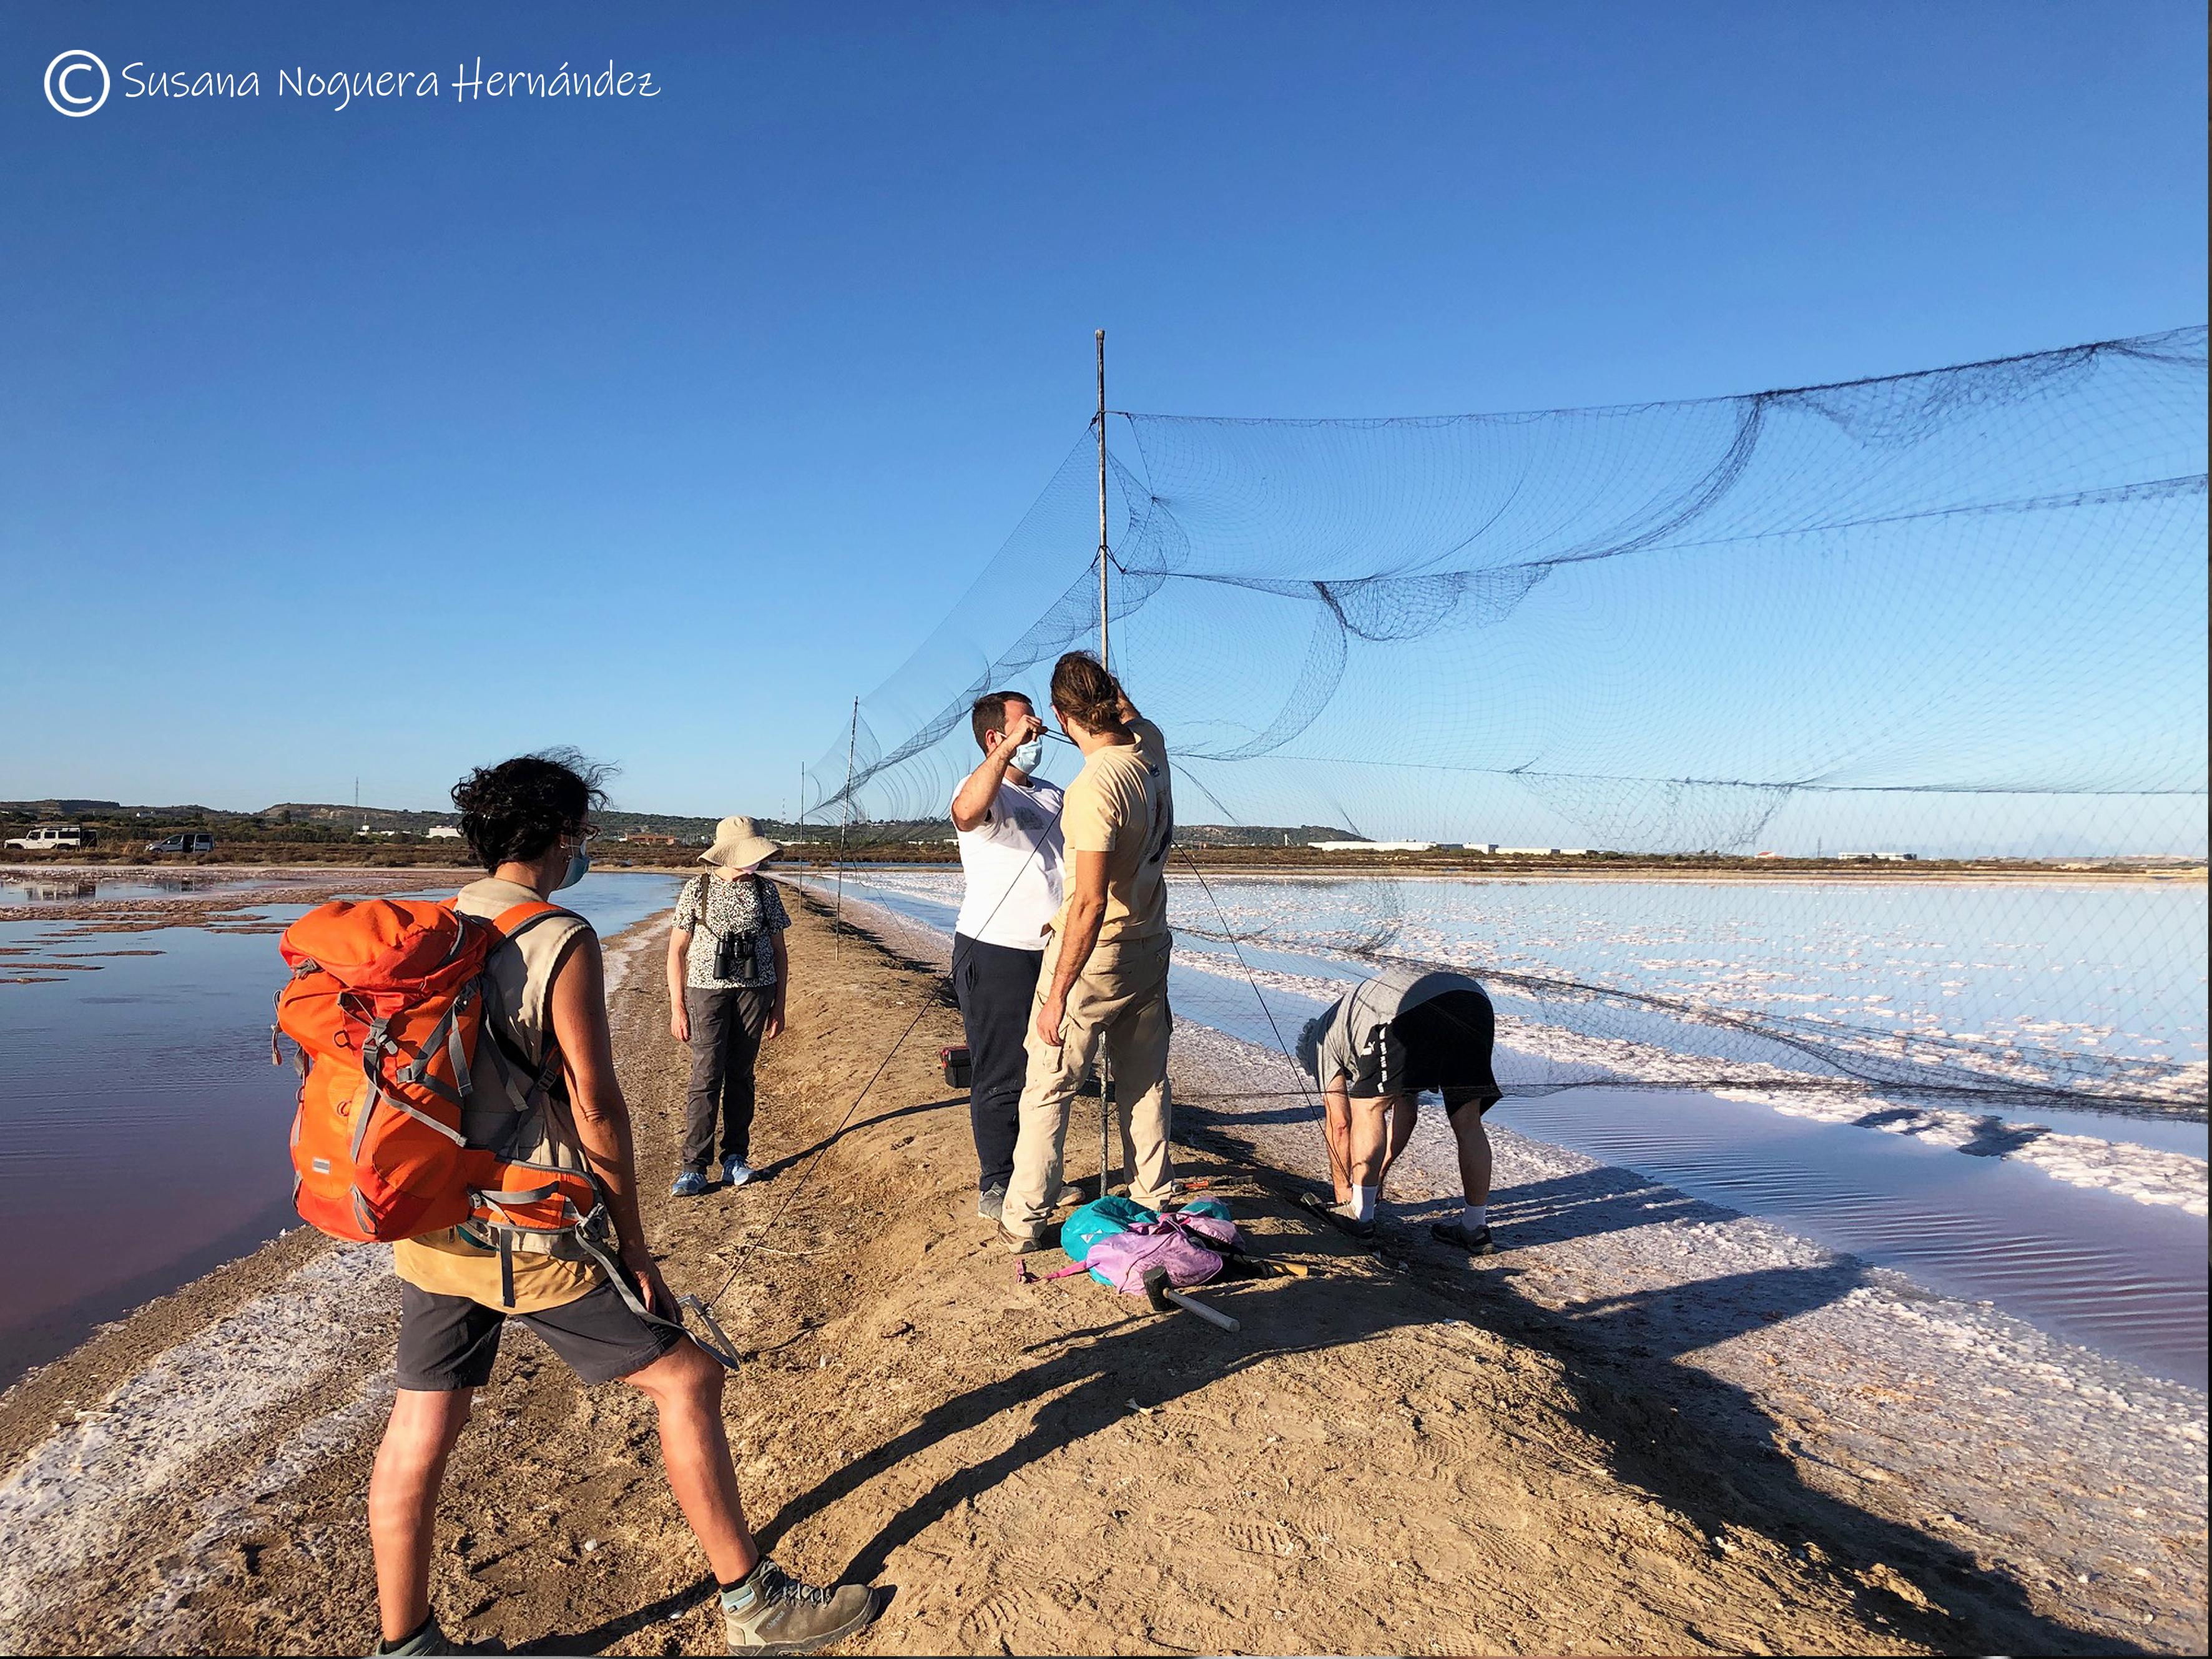 Montando redes para anillamiento en la bahía de Cádiz. Imagen: Susana Noguera